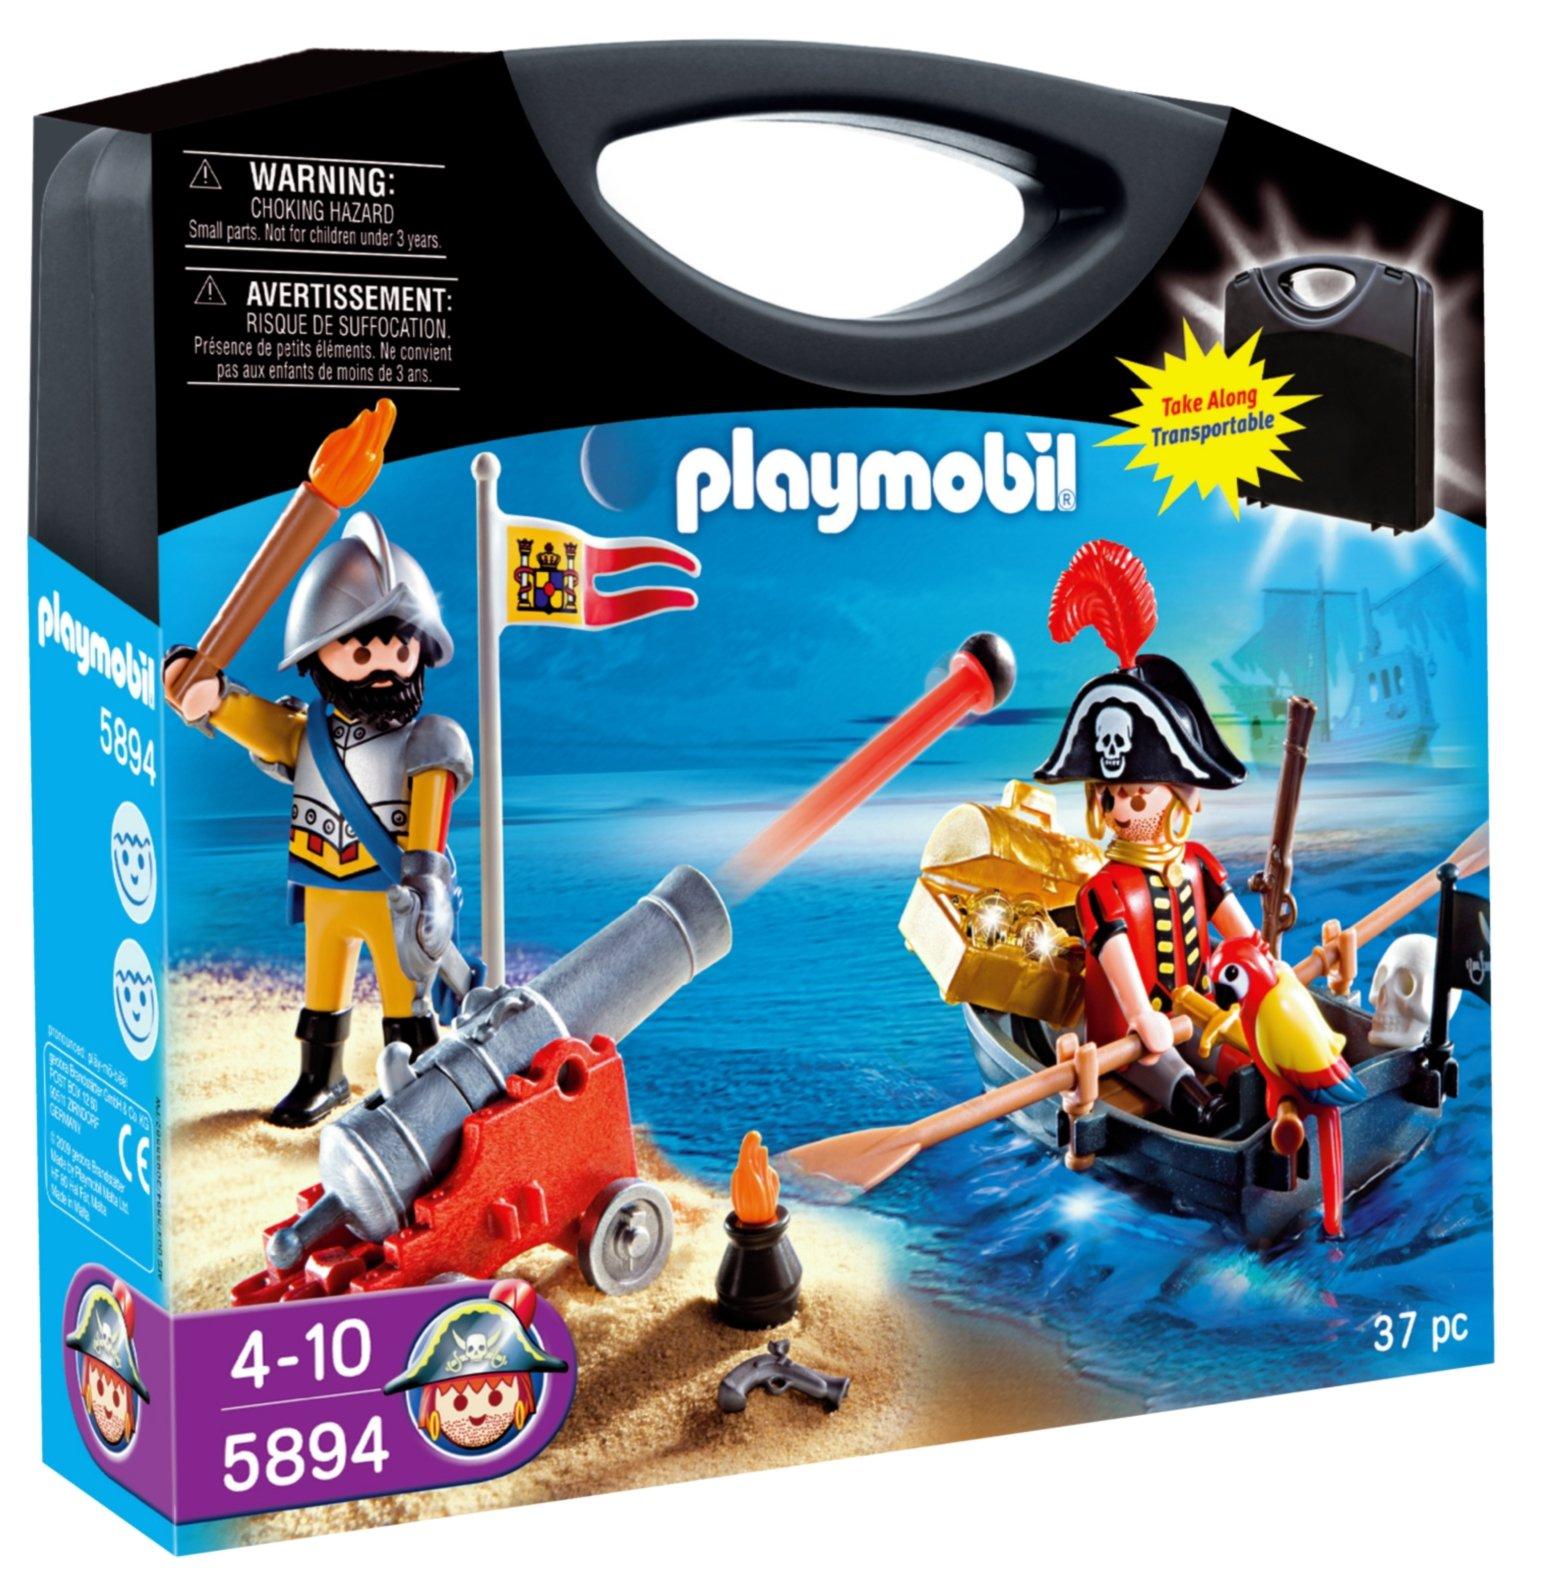 PLAYMOBIL - Piratas, Maleta (58940): Amazon.es: Juguetes y juegos